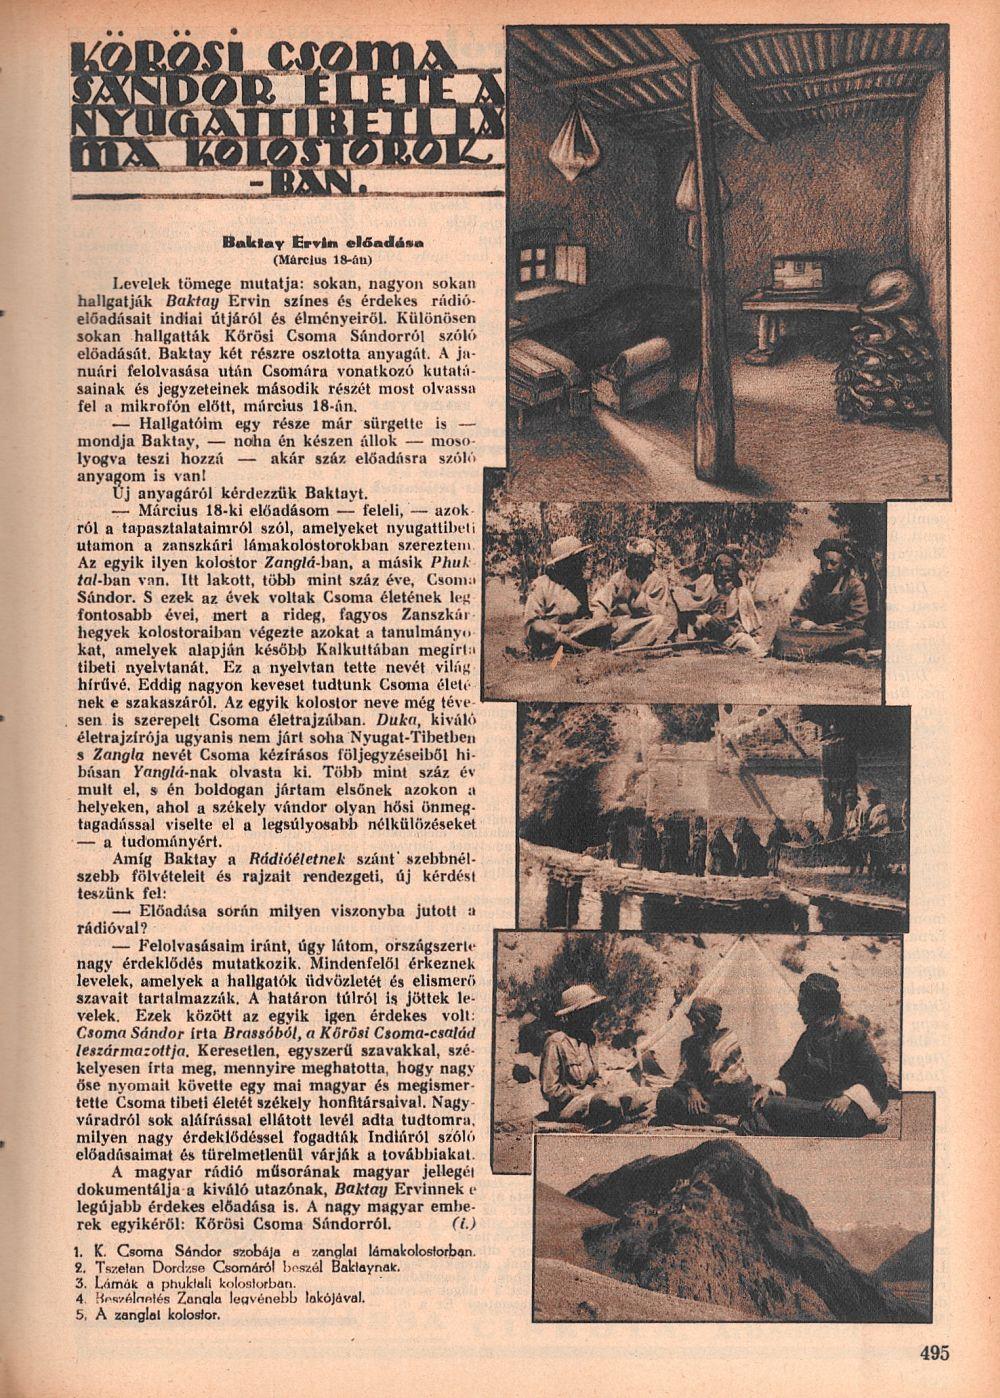 Kőrösi Csoma Sándor élete a nyugat-tibeti lámakolostorokban. =<br />Rádióélet. 1931. márc. 13. (11. sz.) p. 495.